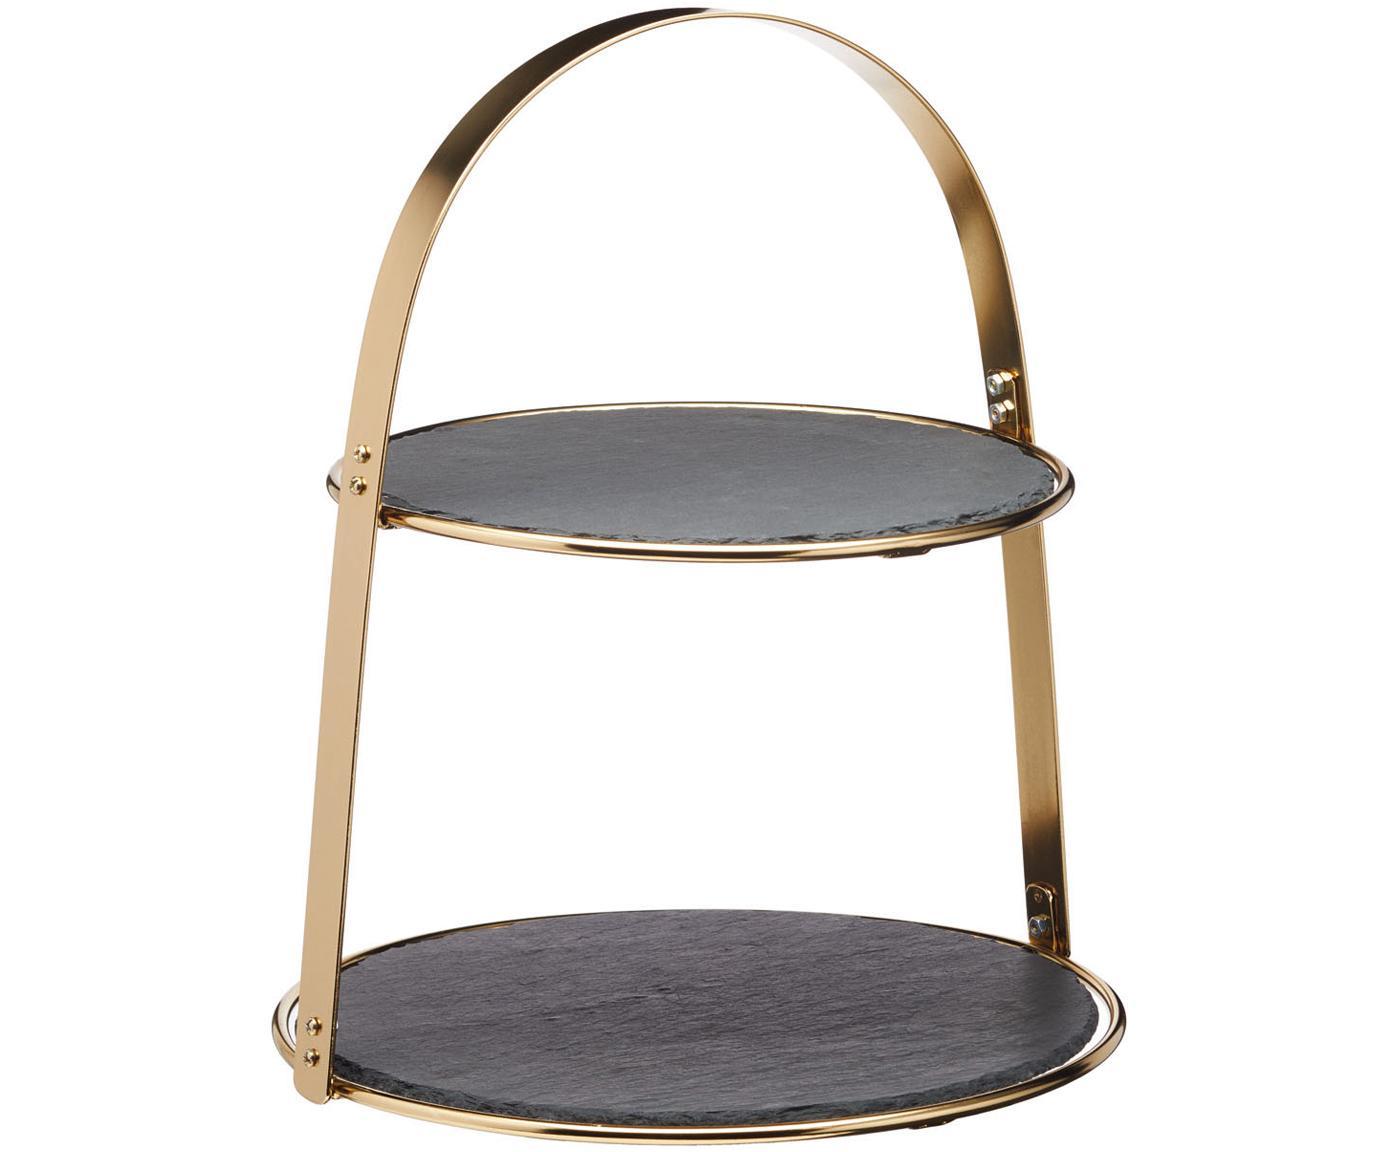 Taca do serwowania Artesa, Stelaż: metal powlekany, Odcienie złotego, czarny, Ø 30 x W 35 cm